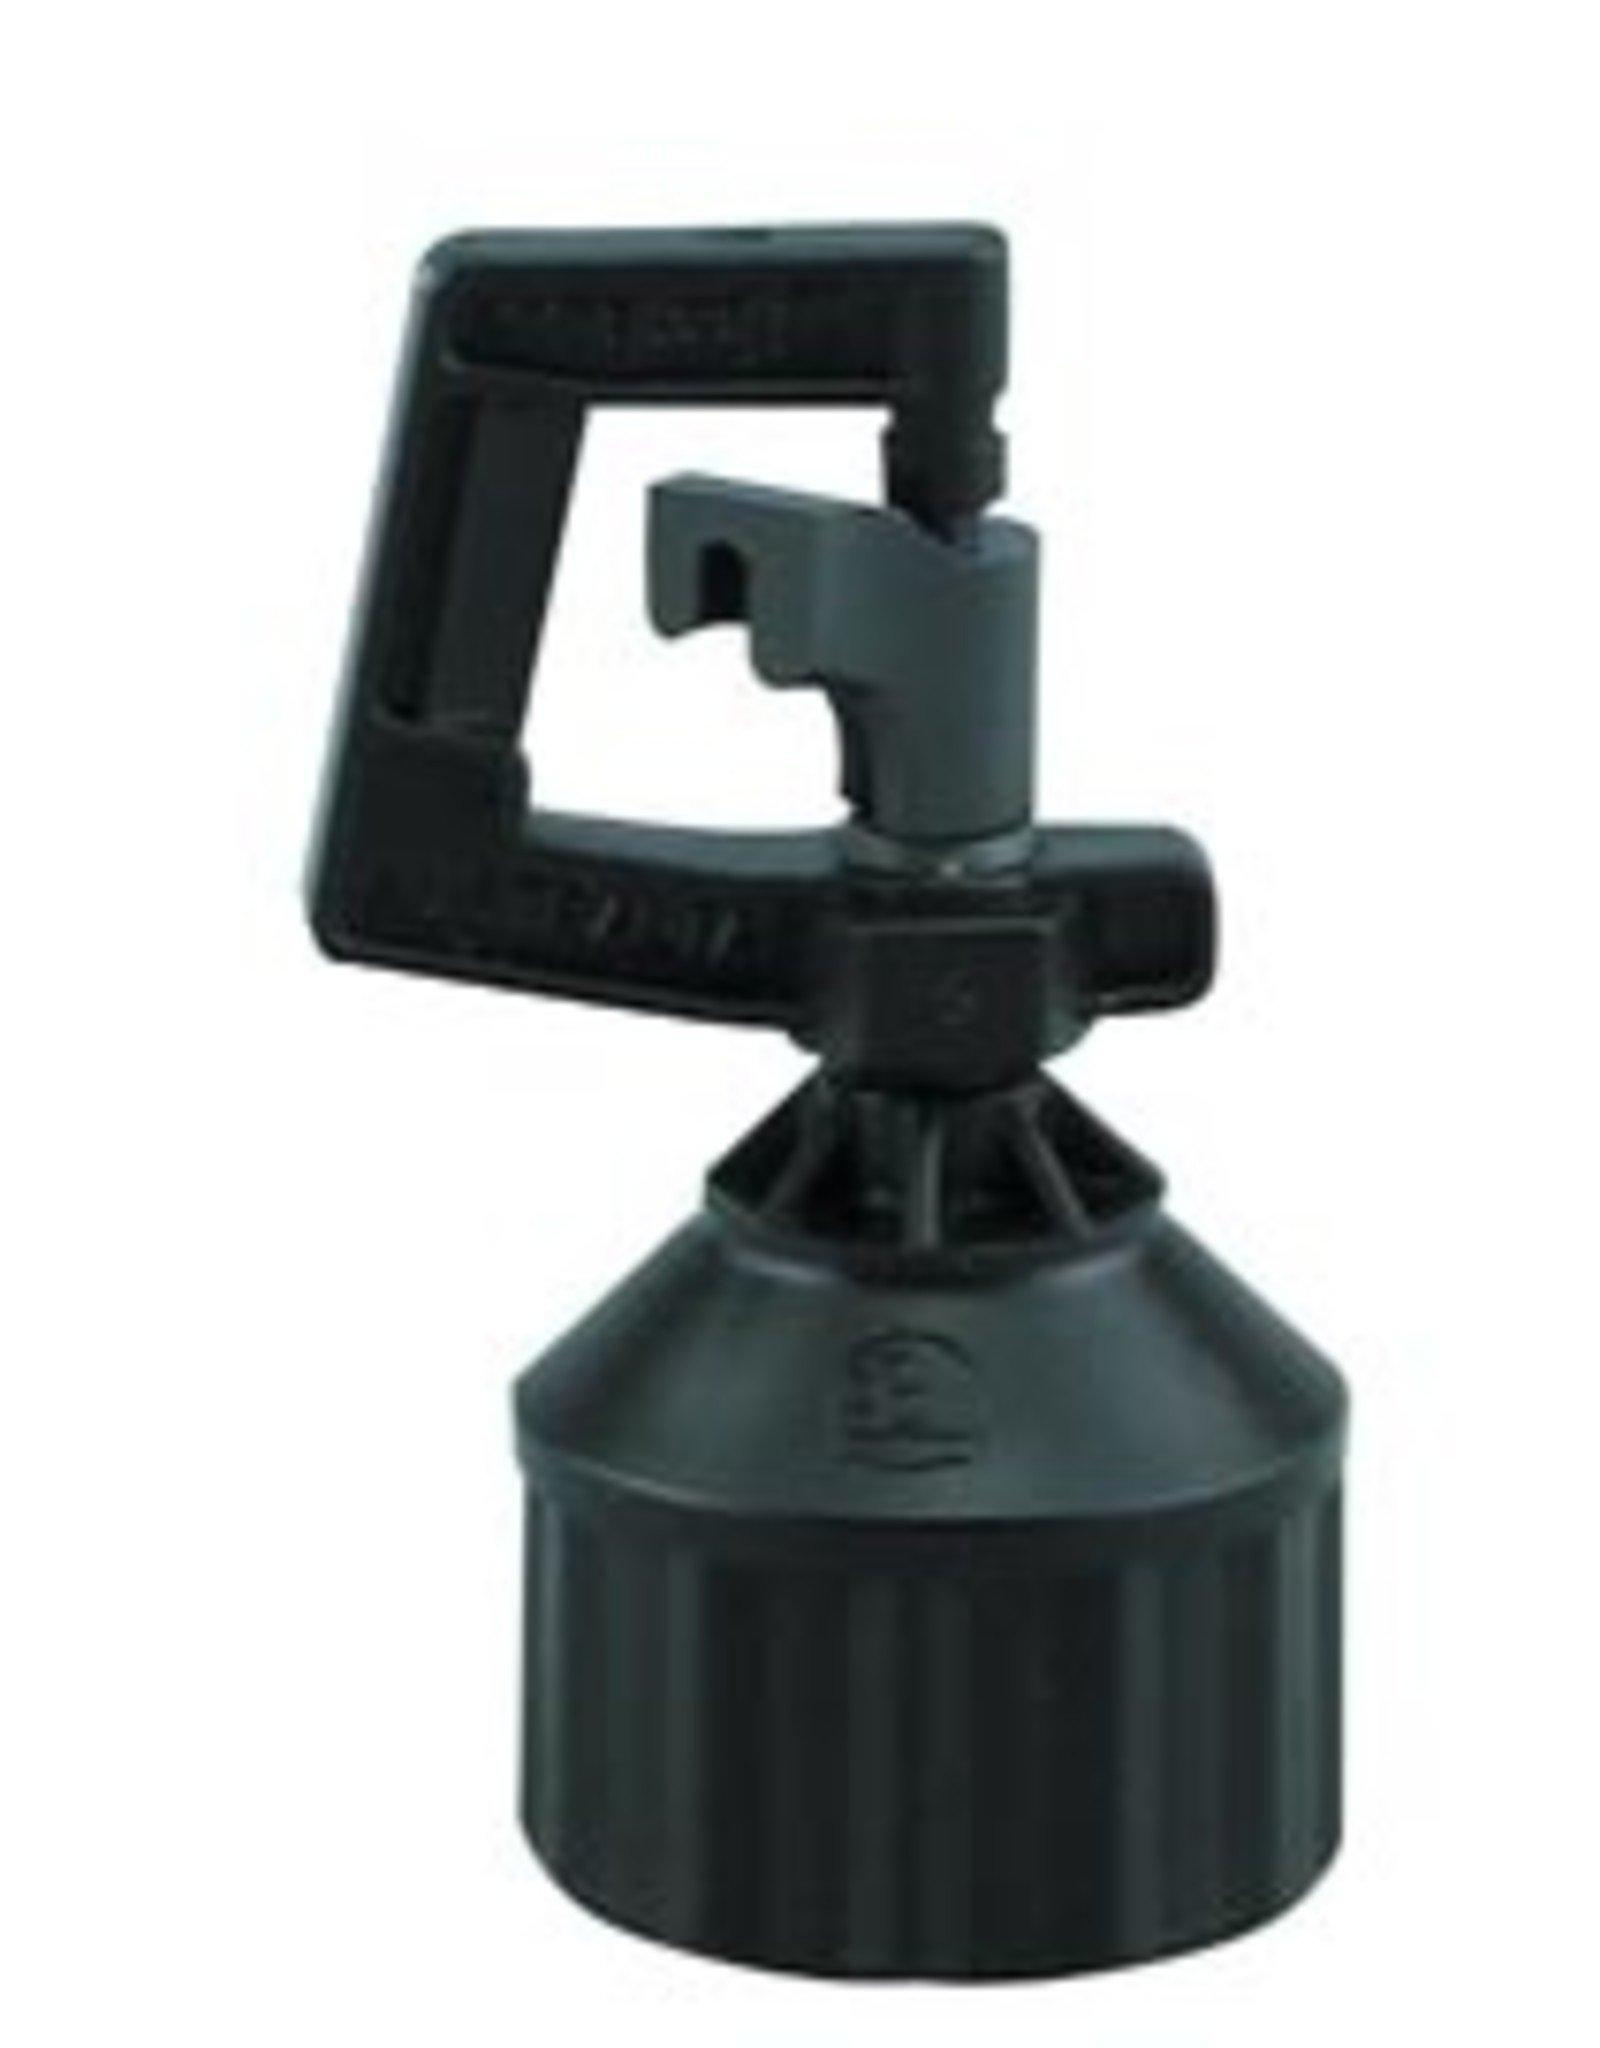 Clone Spinner 360 Sprayer Only